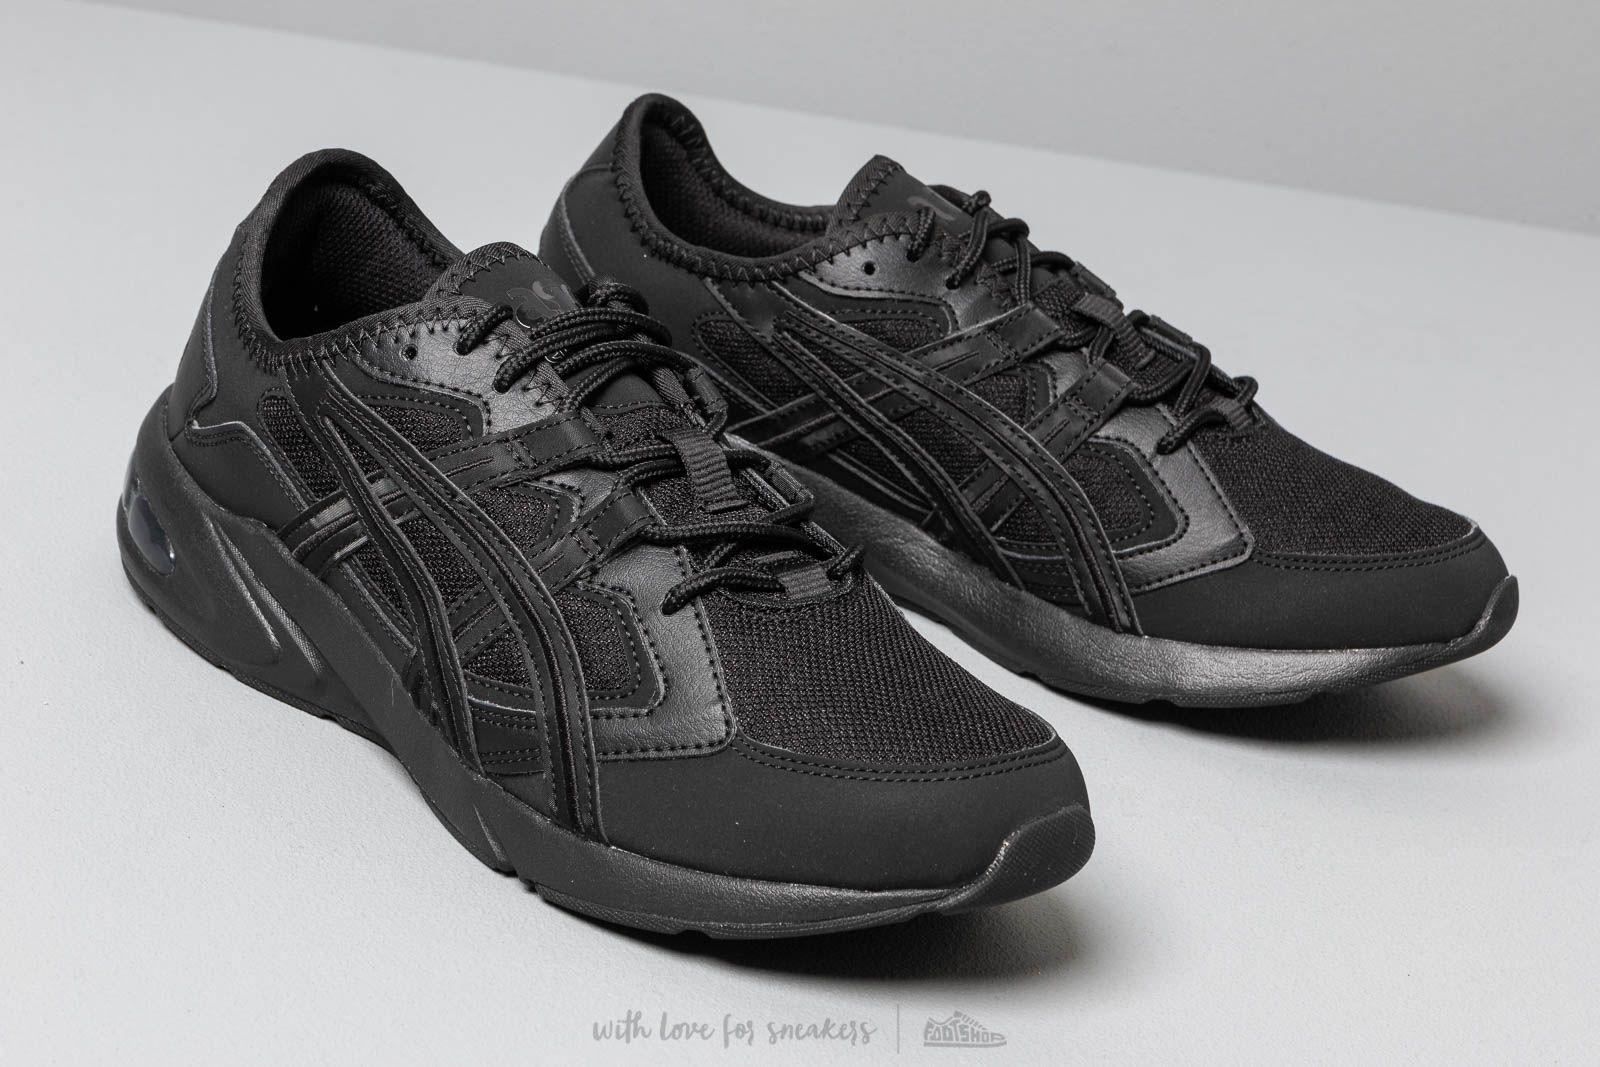 Men's shoes Asics Gel-Kayano 5.1 Black